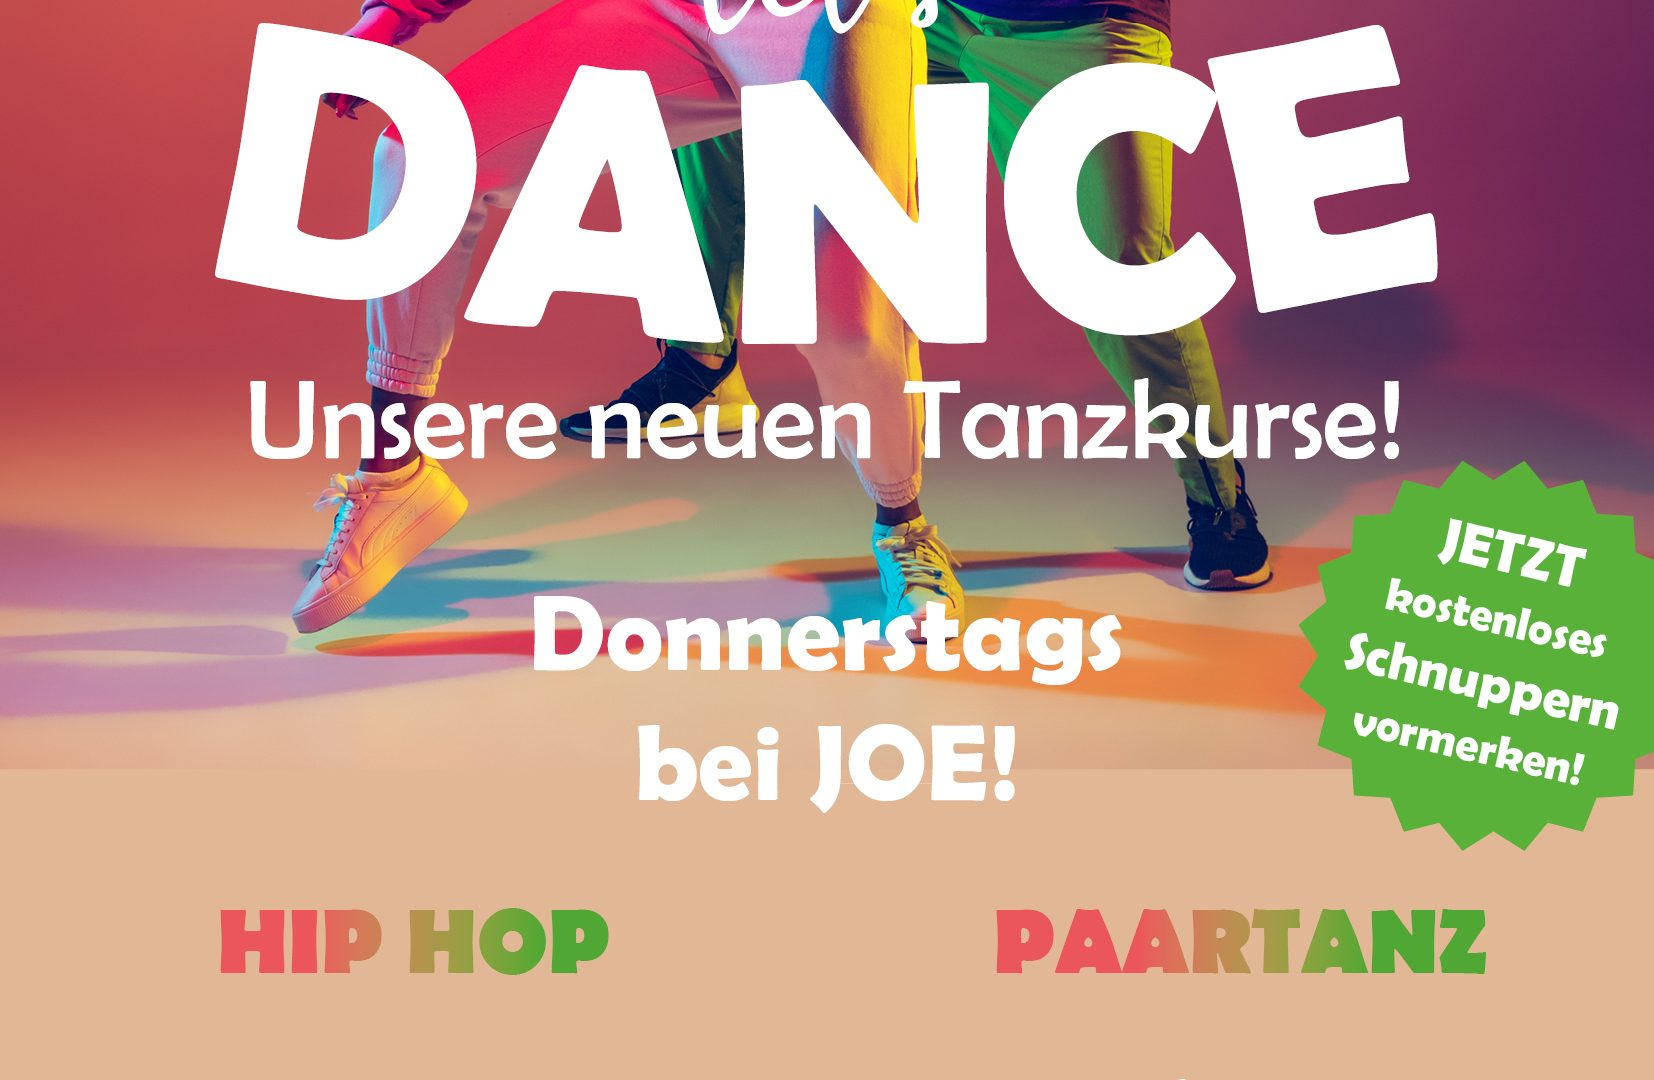 Neue Tanzangebote Hiphop/Shuffle und Paartanz in der Straubenhardthalle